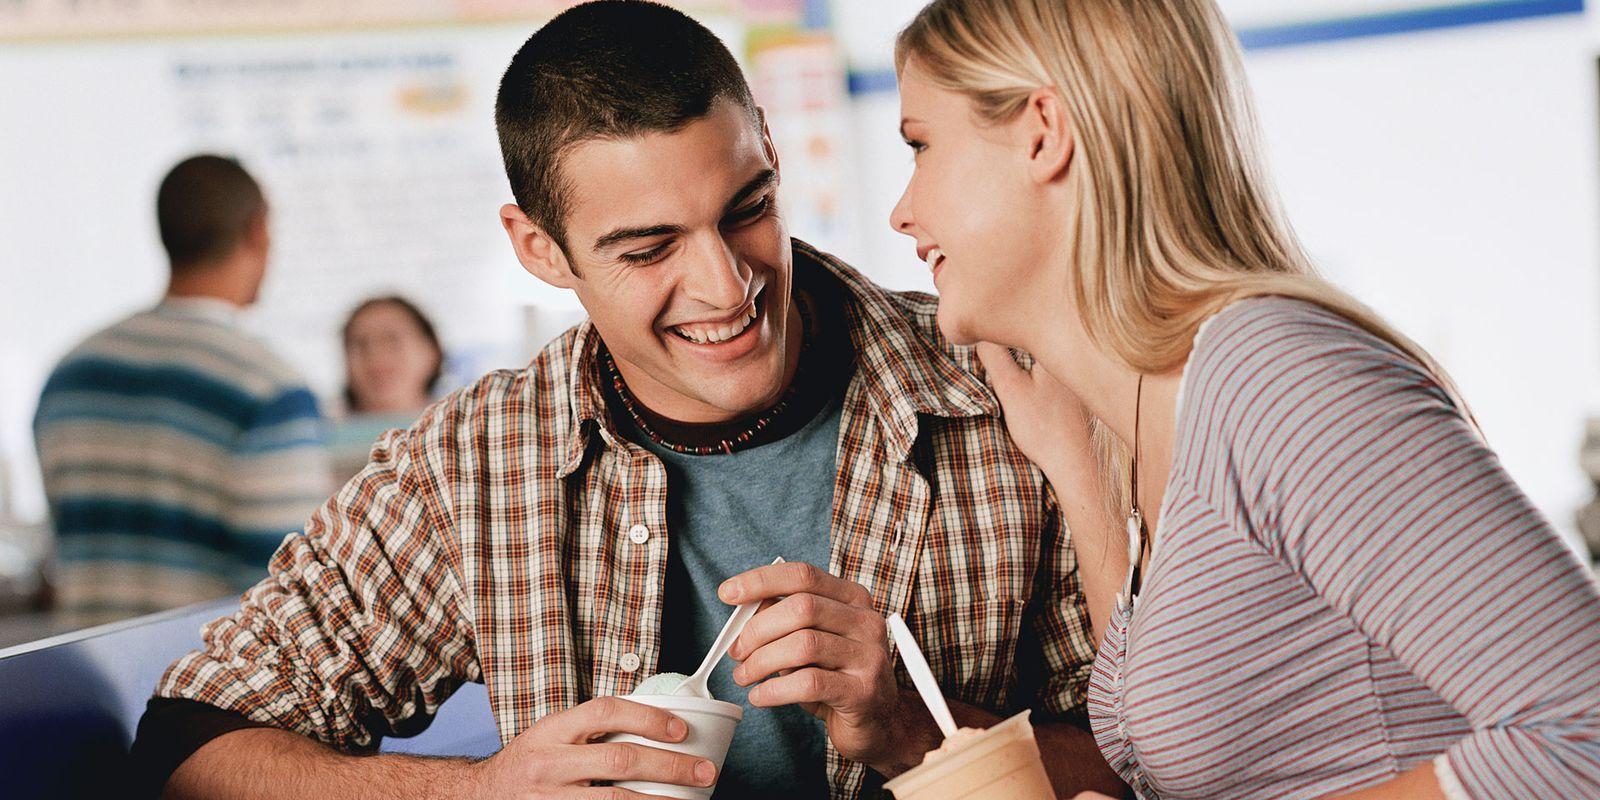 Что знакомства говорить время во парню